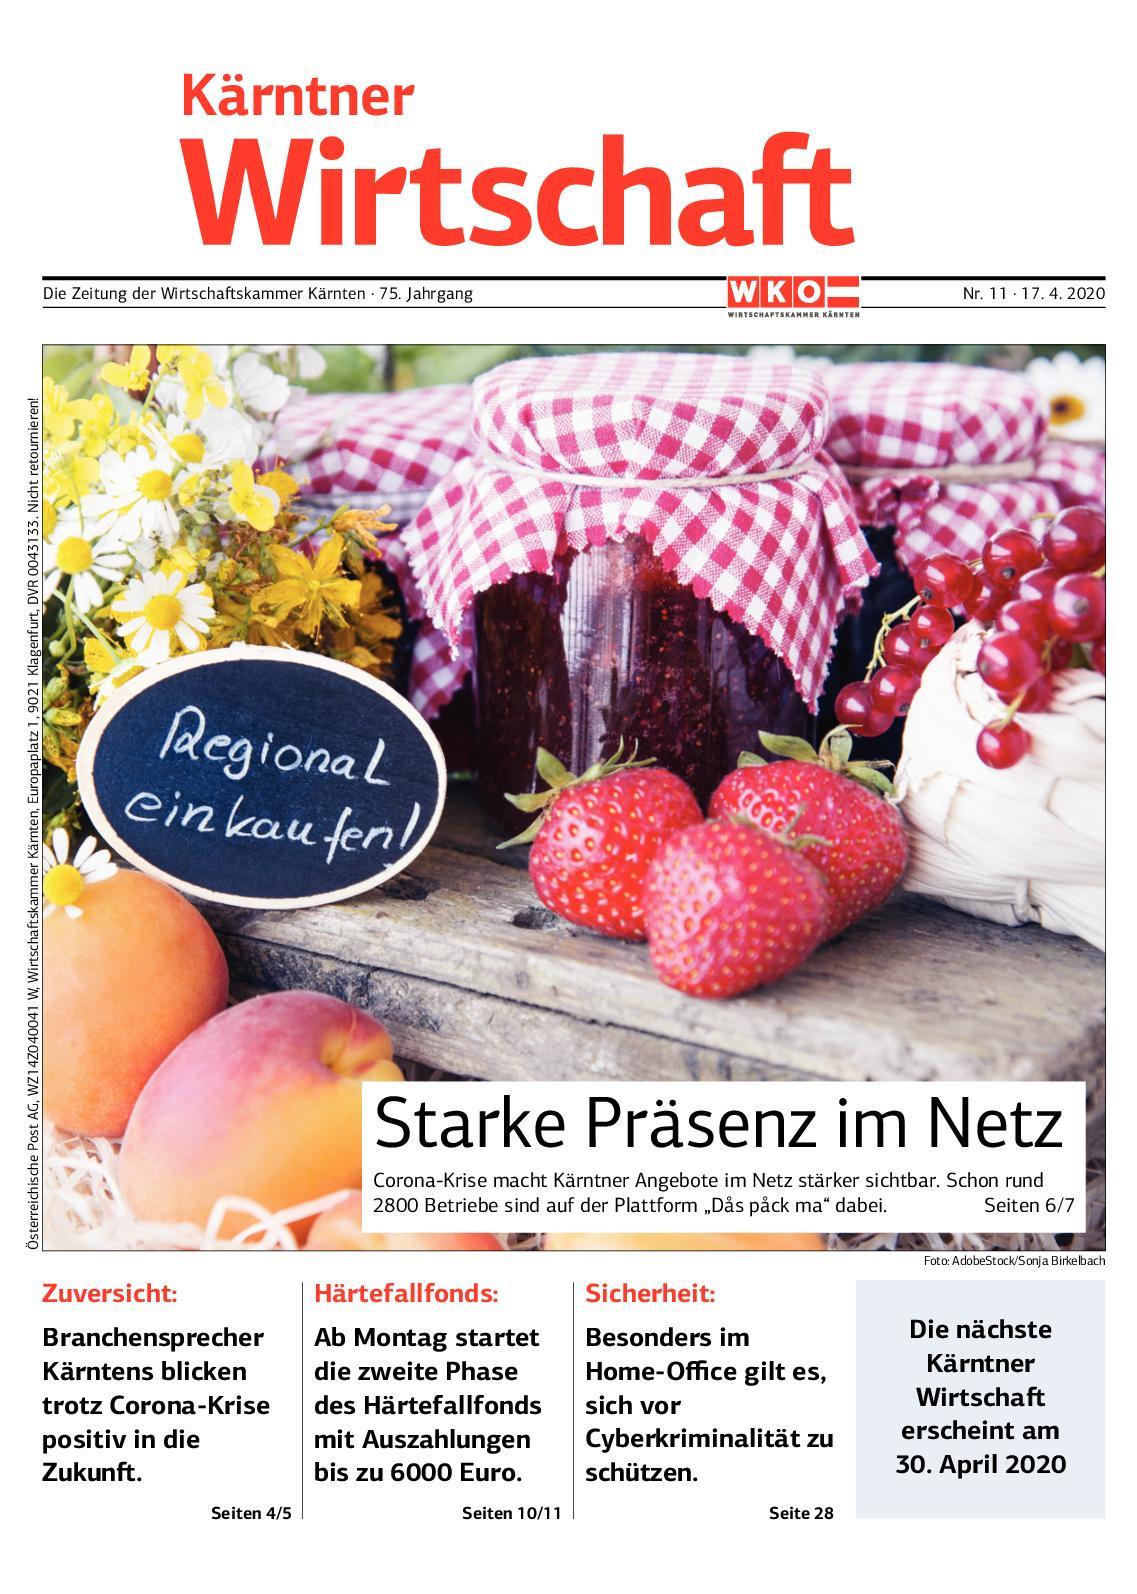 Steinbrunn singlebrse kostenlos, Pressbaum casual dating